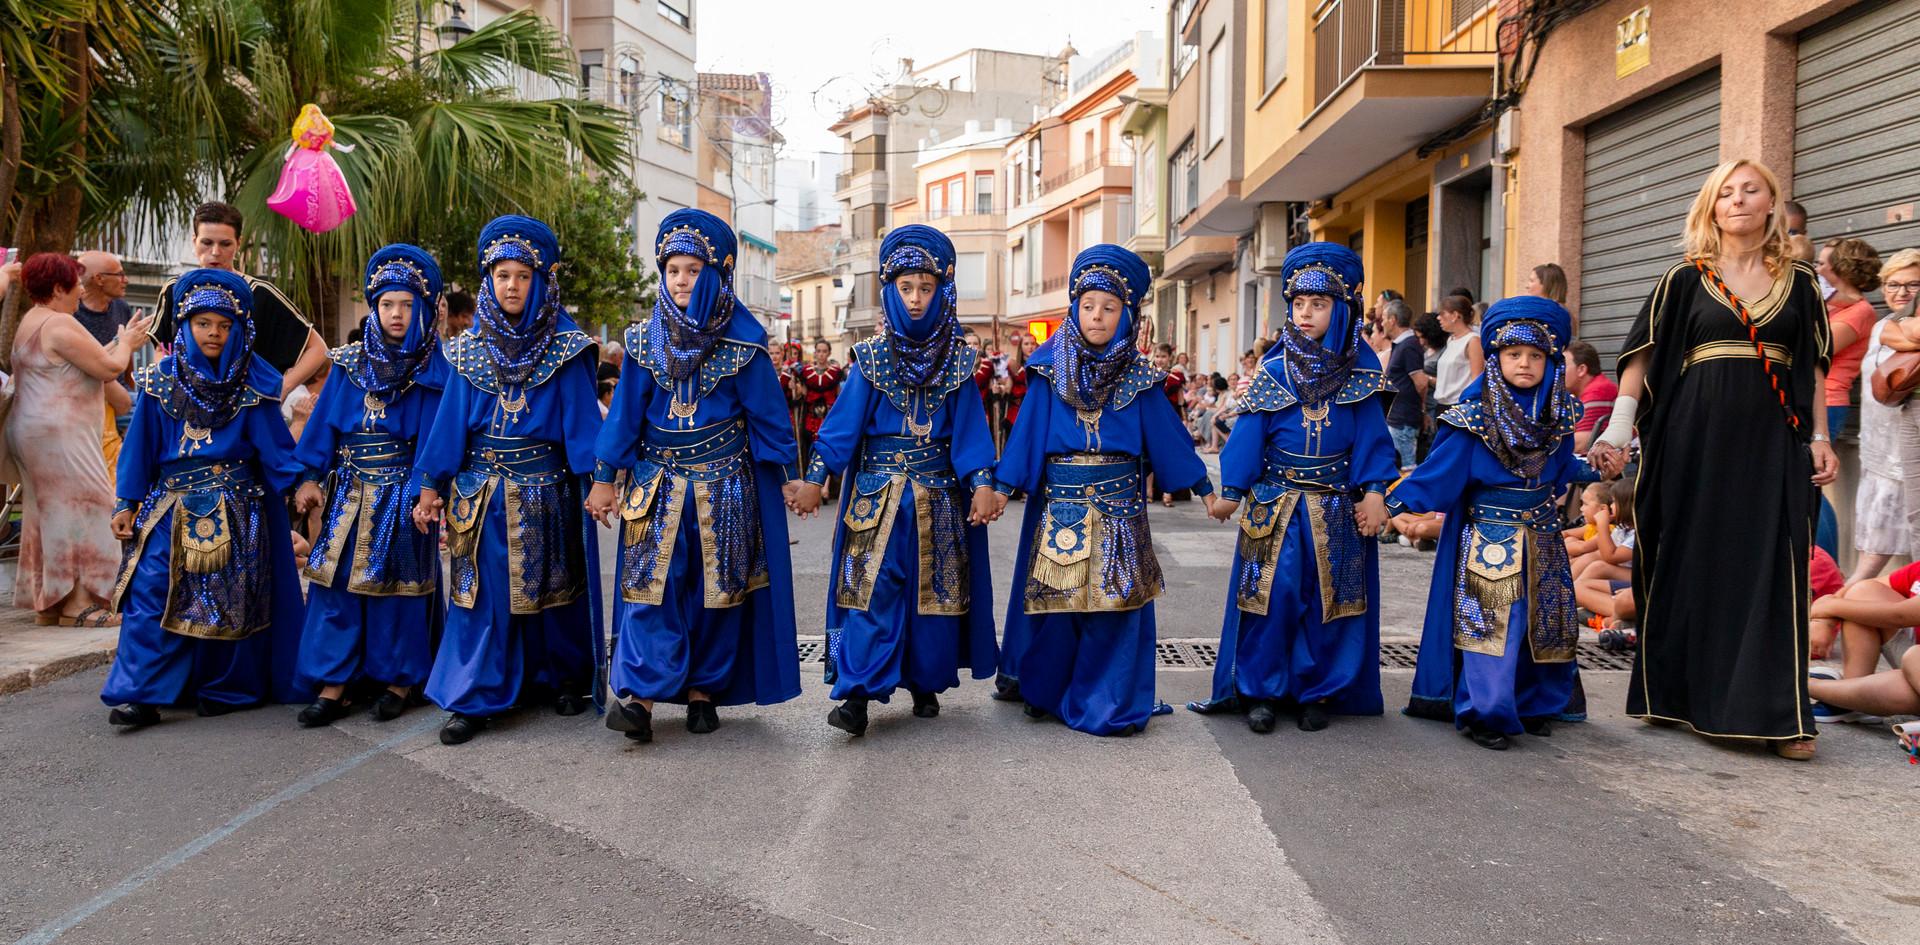 Desfilada infantil. Beduines 2019